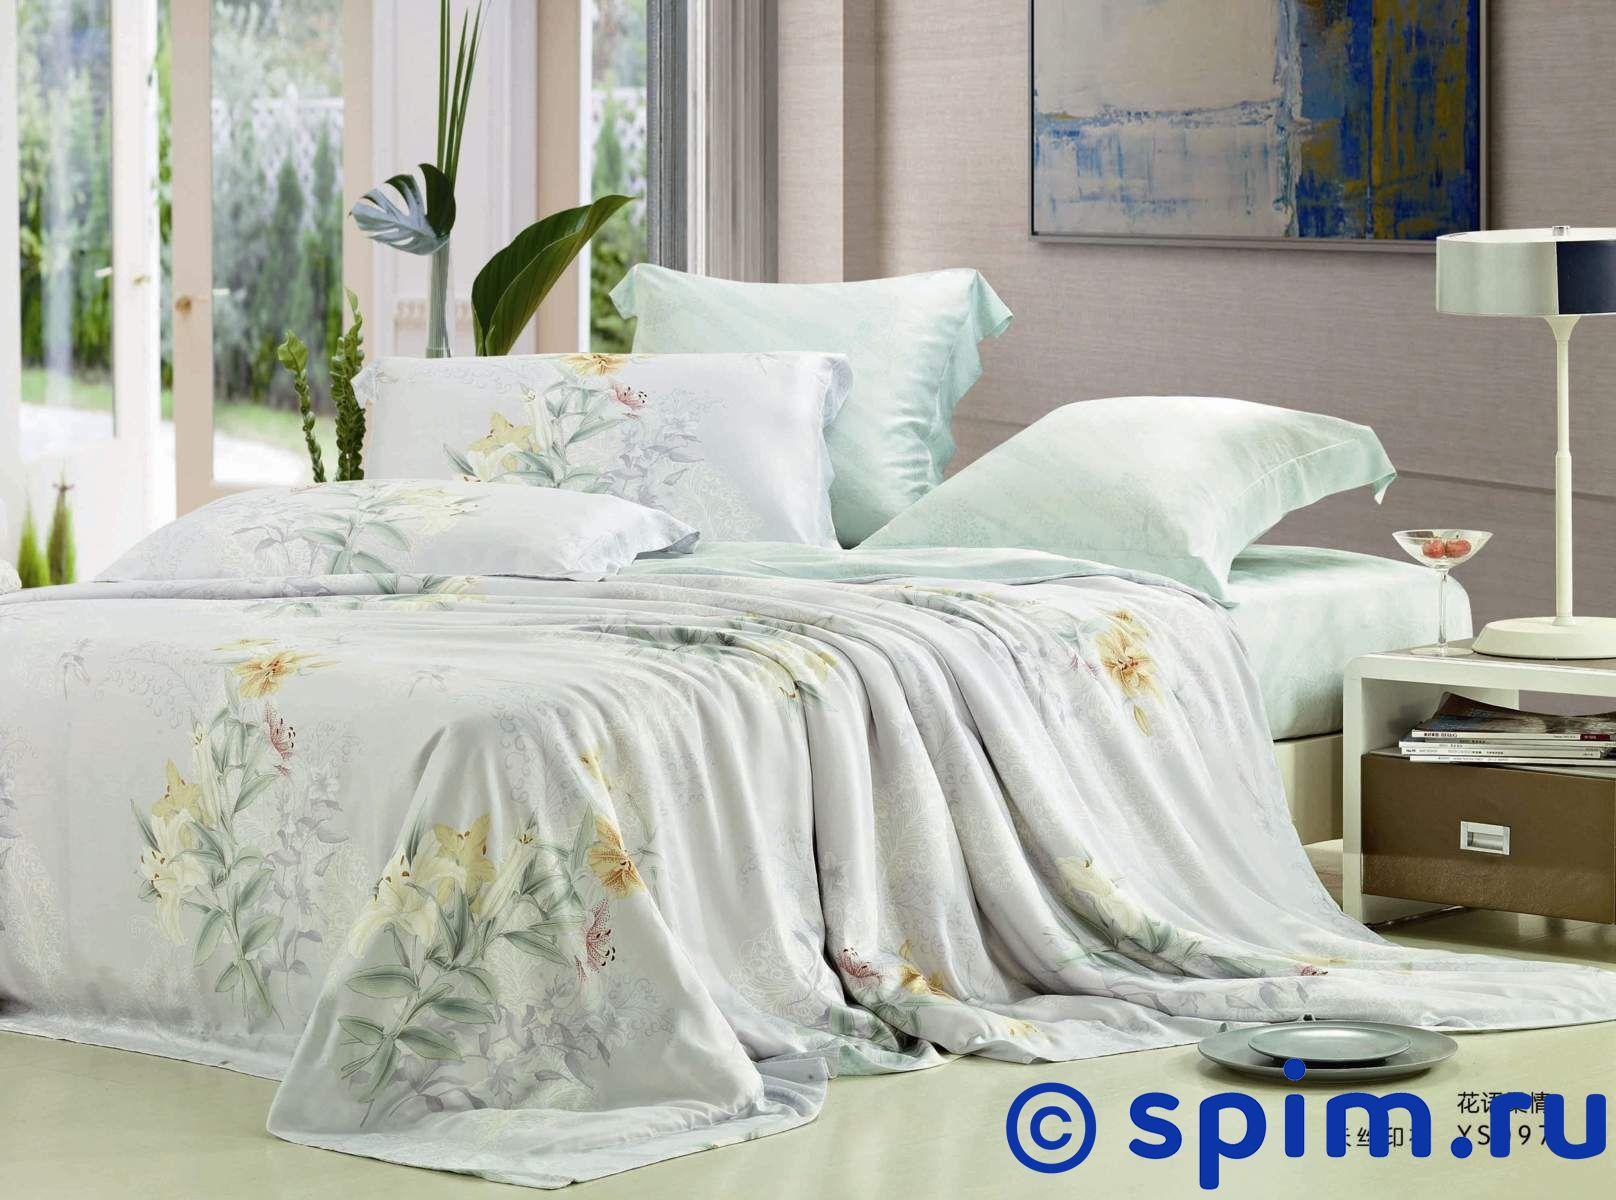 Комплект СайлиД E38 2 спальное